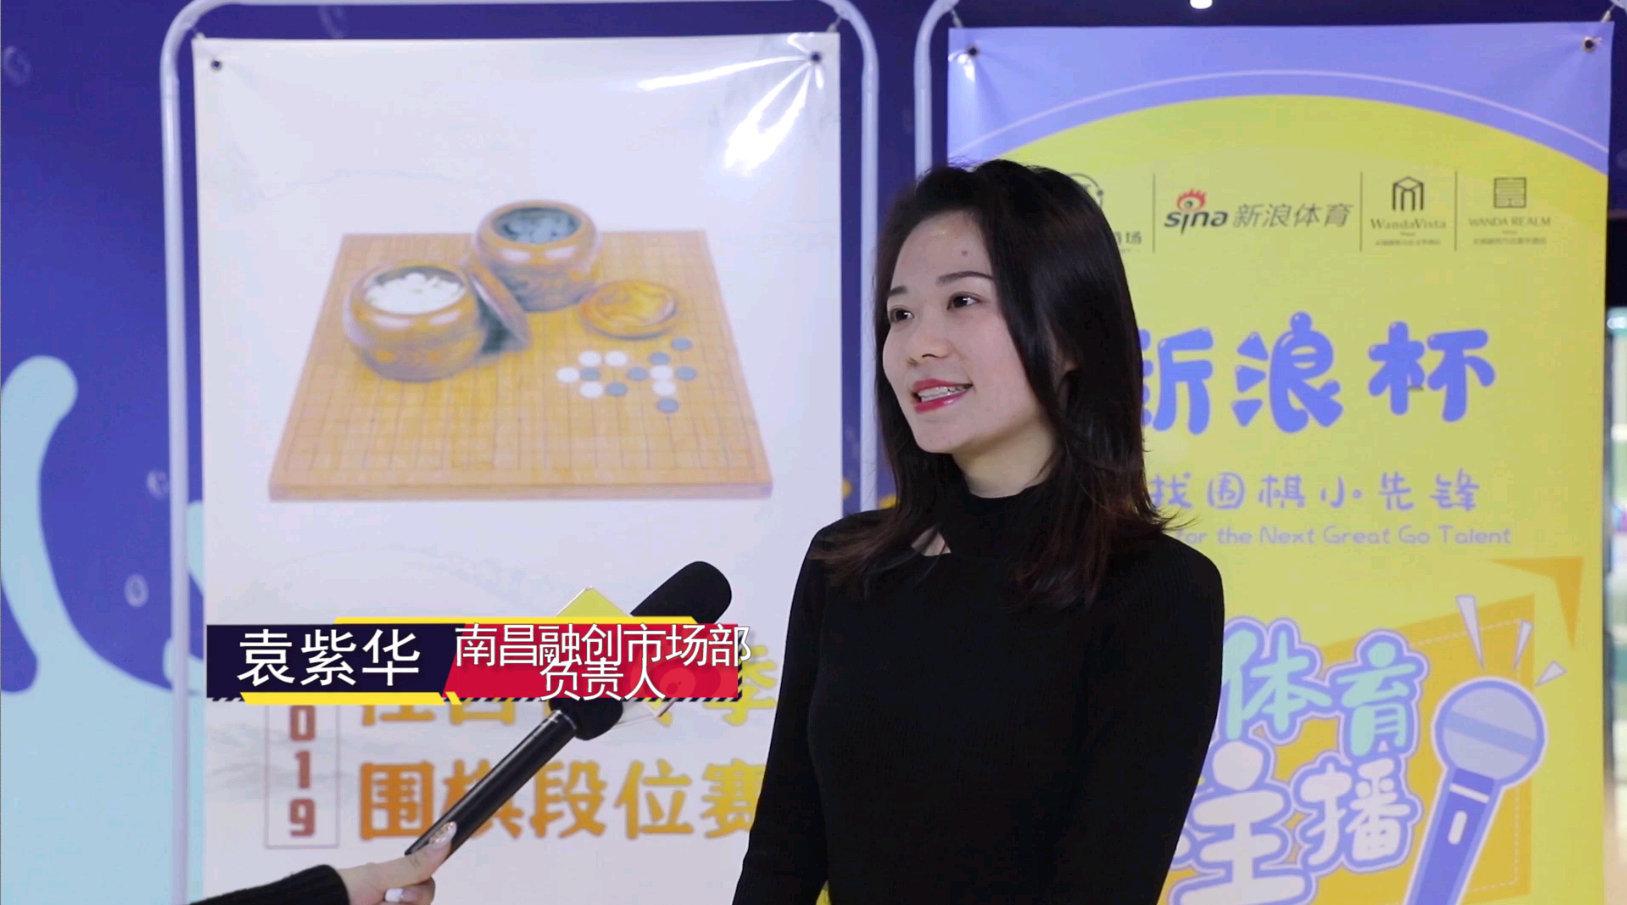 视频-融创文旅袁紫华:希望同新浪开展更多合作